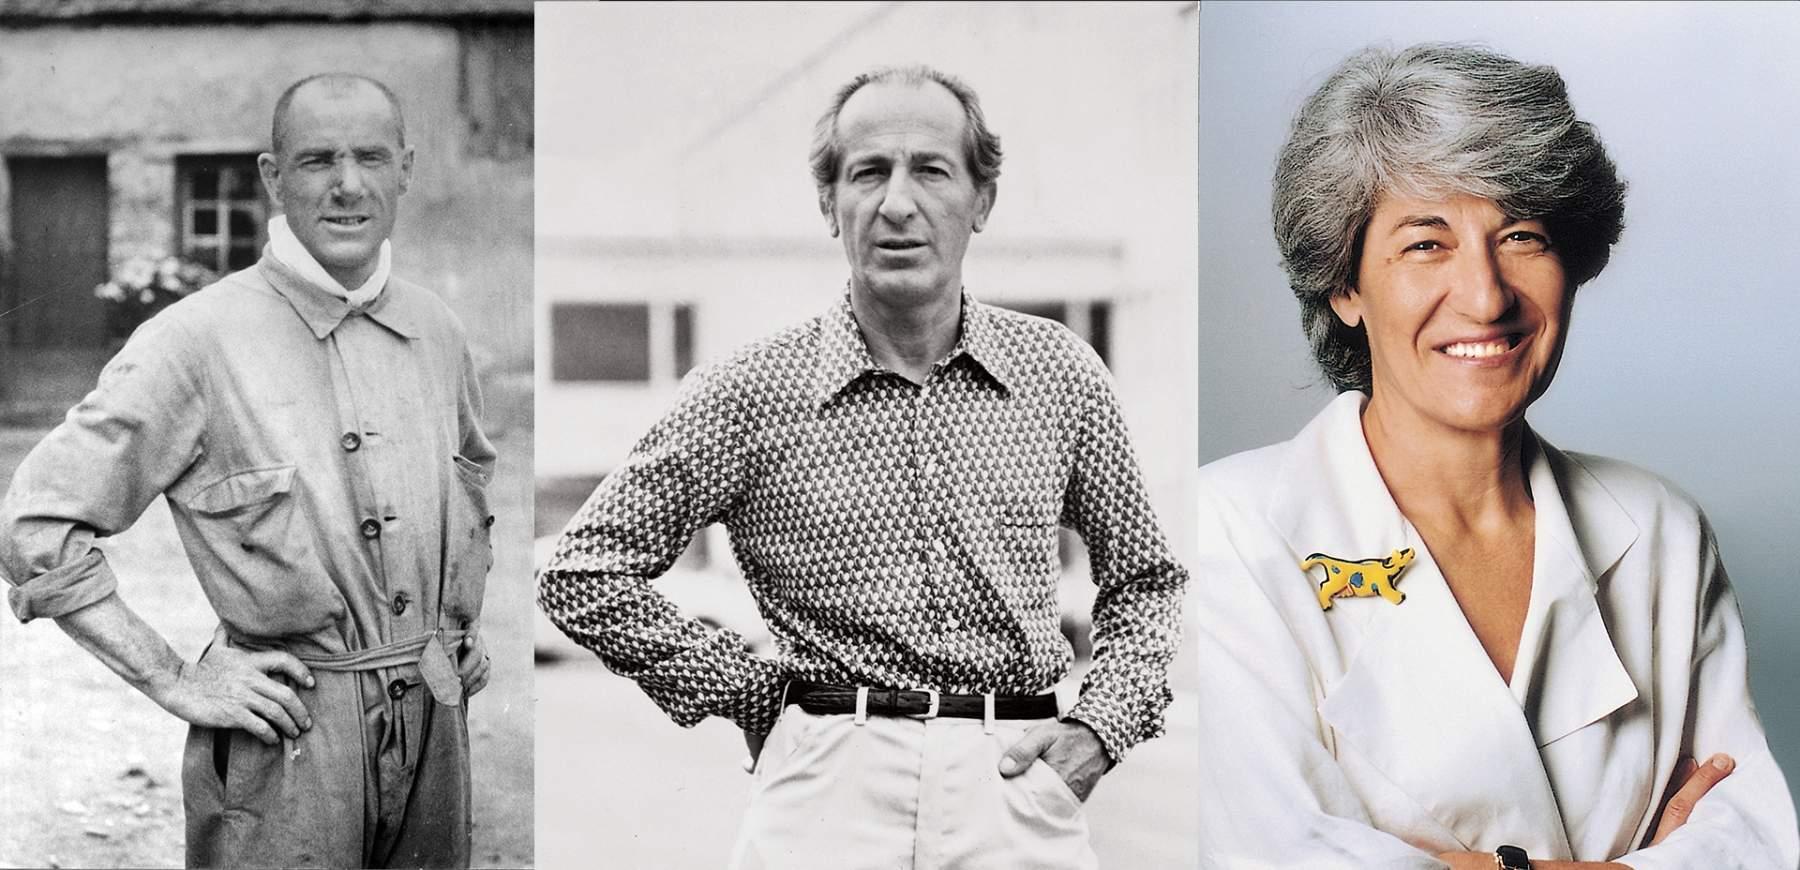 Three generations of Danieli family: Mario Danieli, Luigi Danieli, Cecilia Danieli.